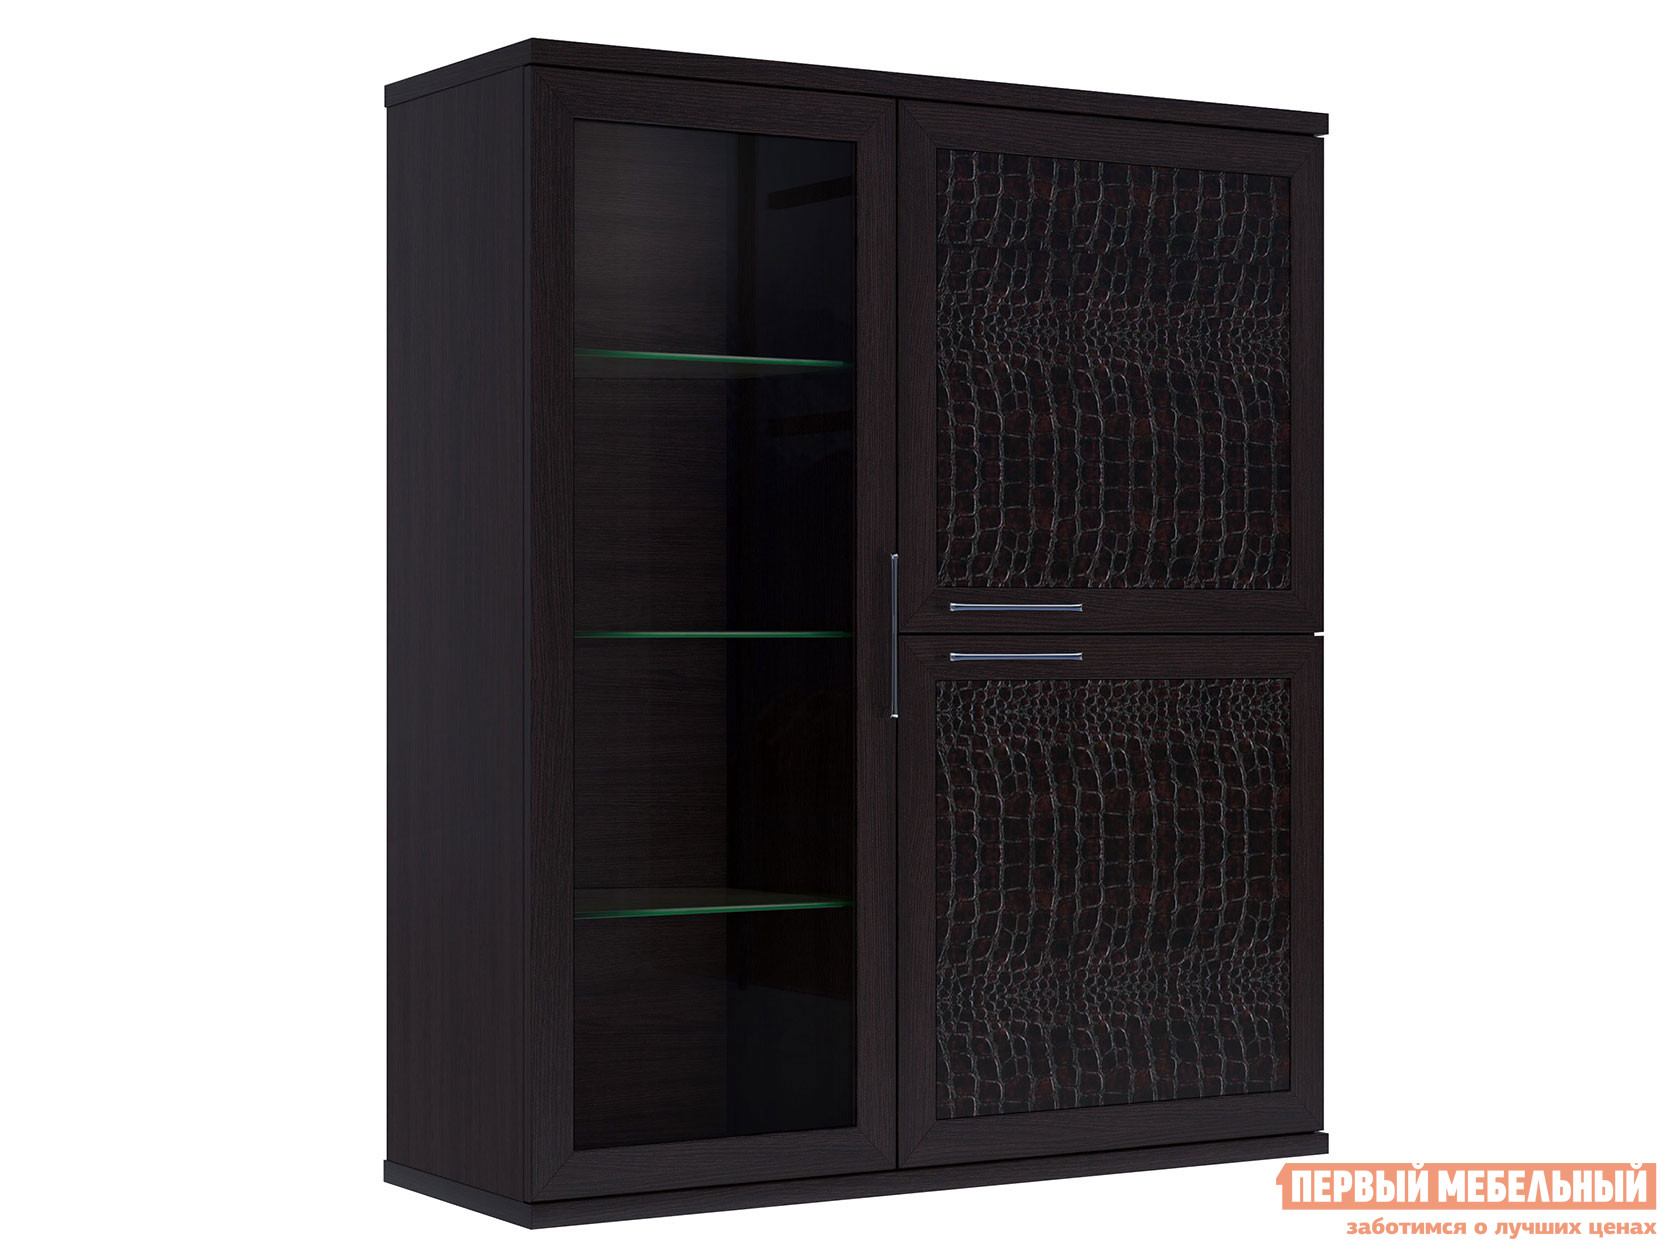 Шкаф-витрина Первый Мебельный Полка 3-х дверная (1 стеклодверь) Парма Люкс шкаф 1 стеклодверь и ящик прато